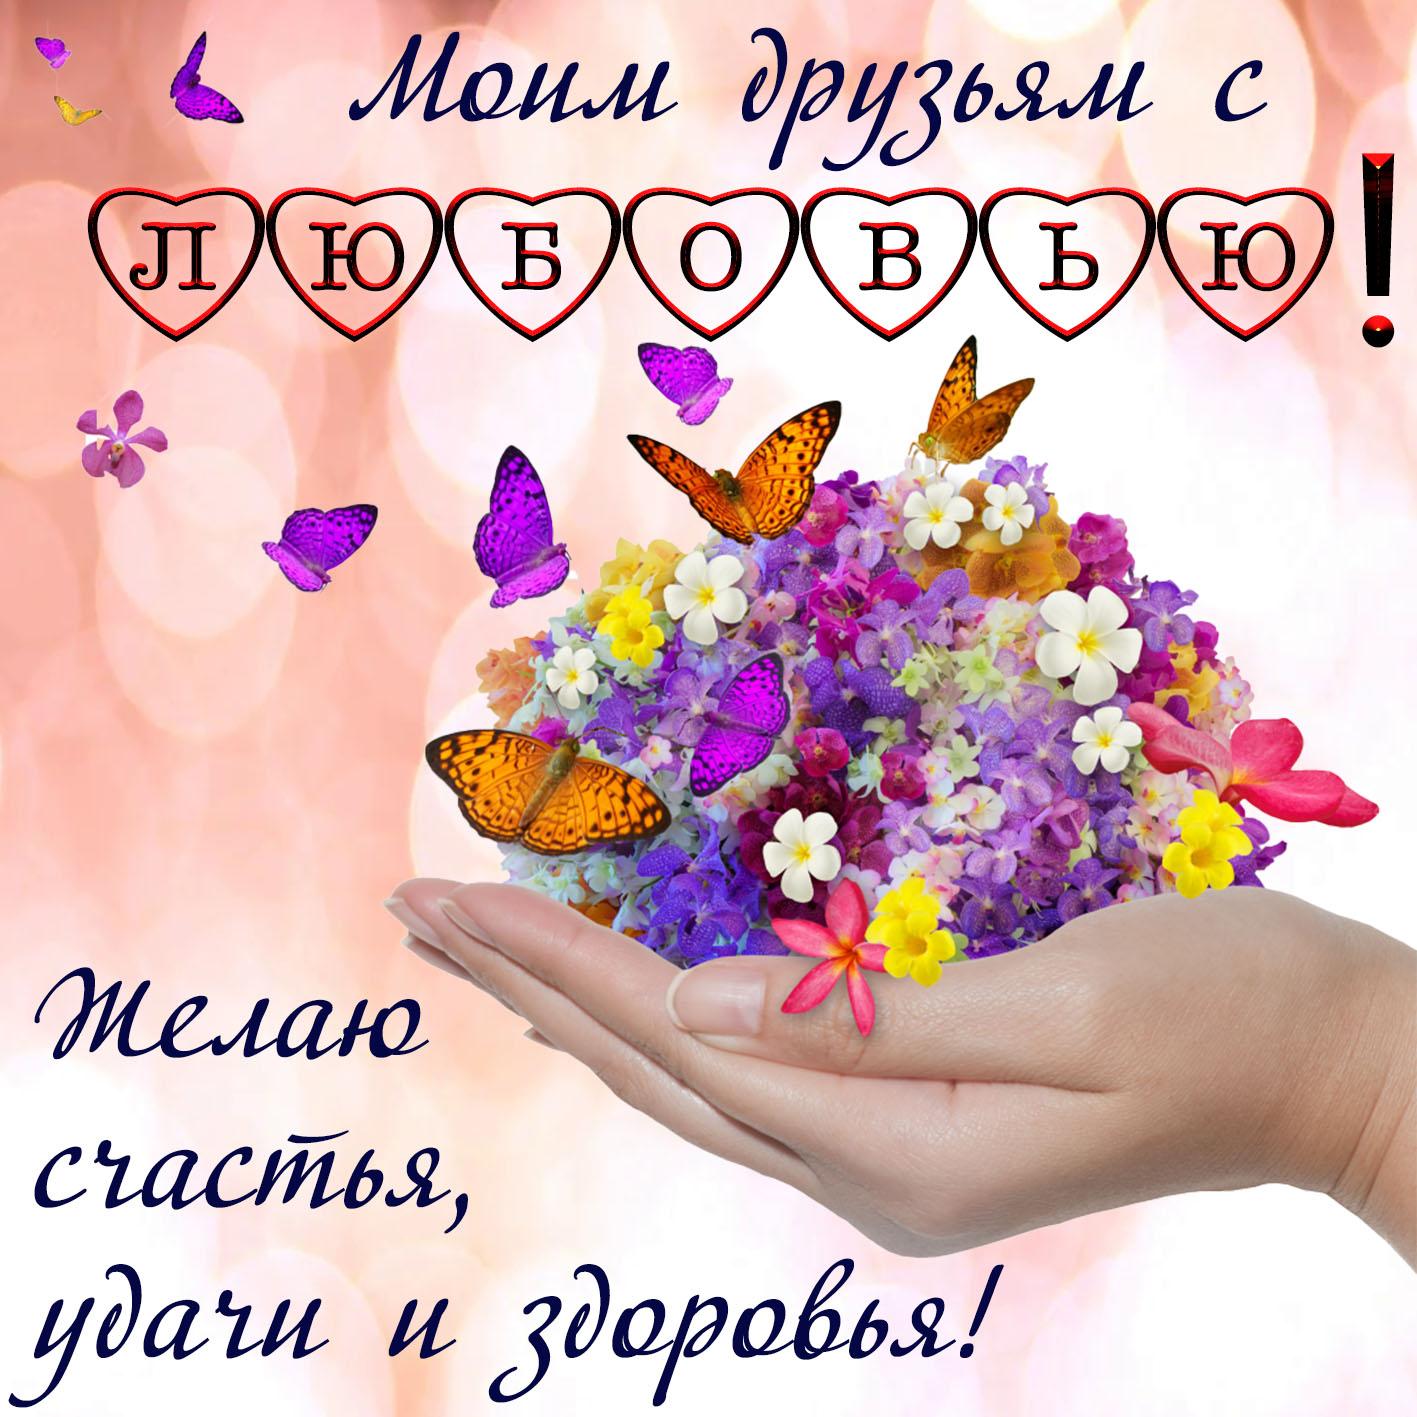 Открытка - цветы в ладони моим друзьям с любовью